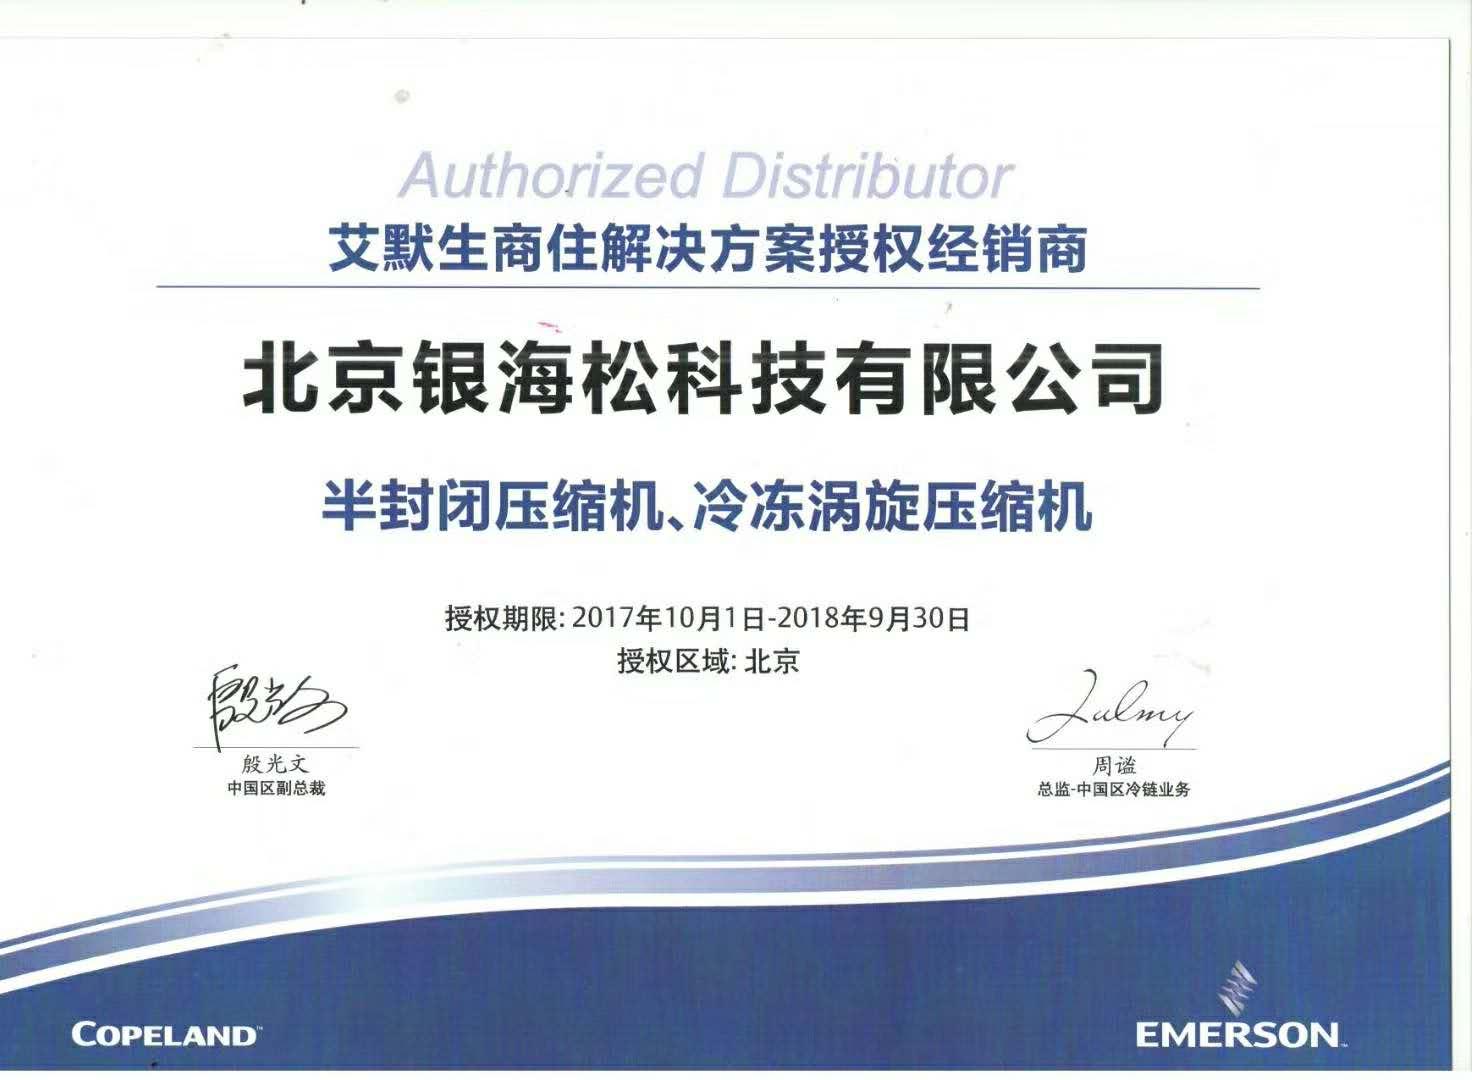 2018谷轮压缩机授权证书